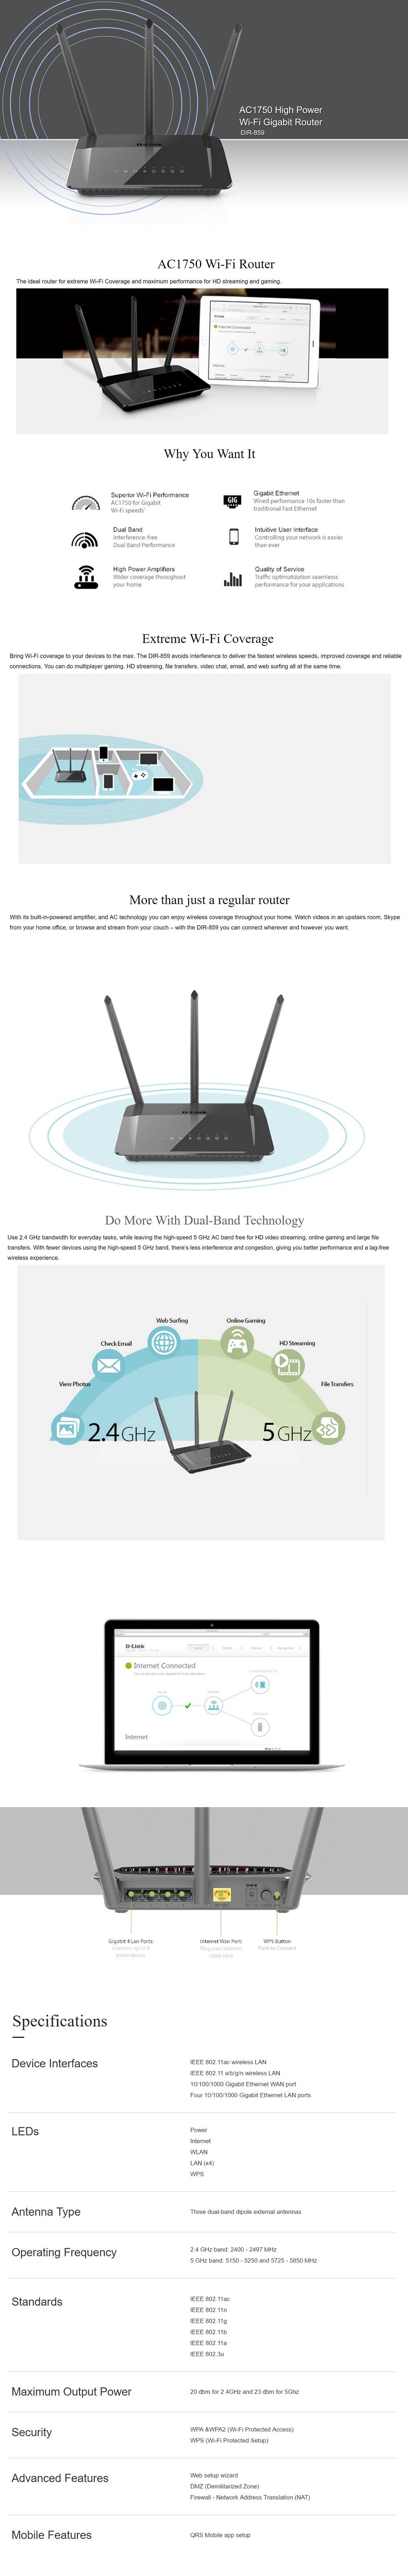 D-Link AC1750 High Power Wi-Fi Gigabit Router (DIR-859)